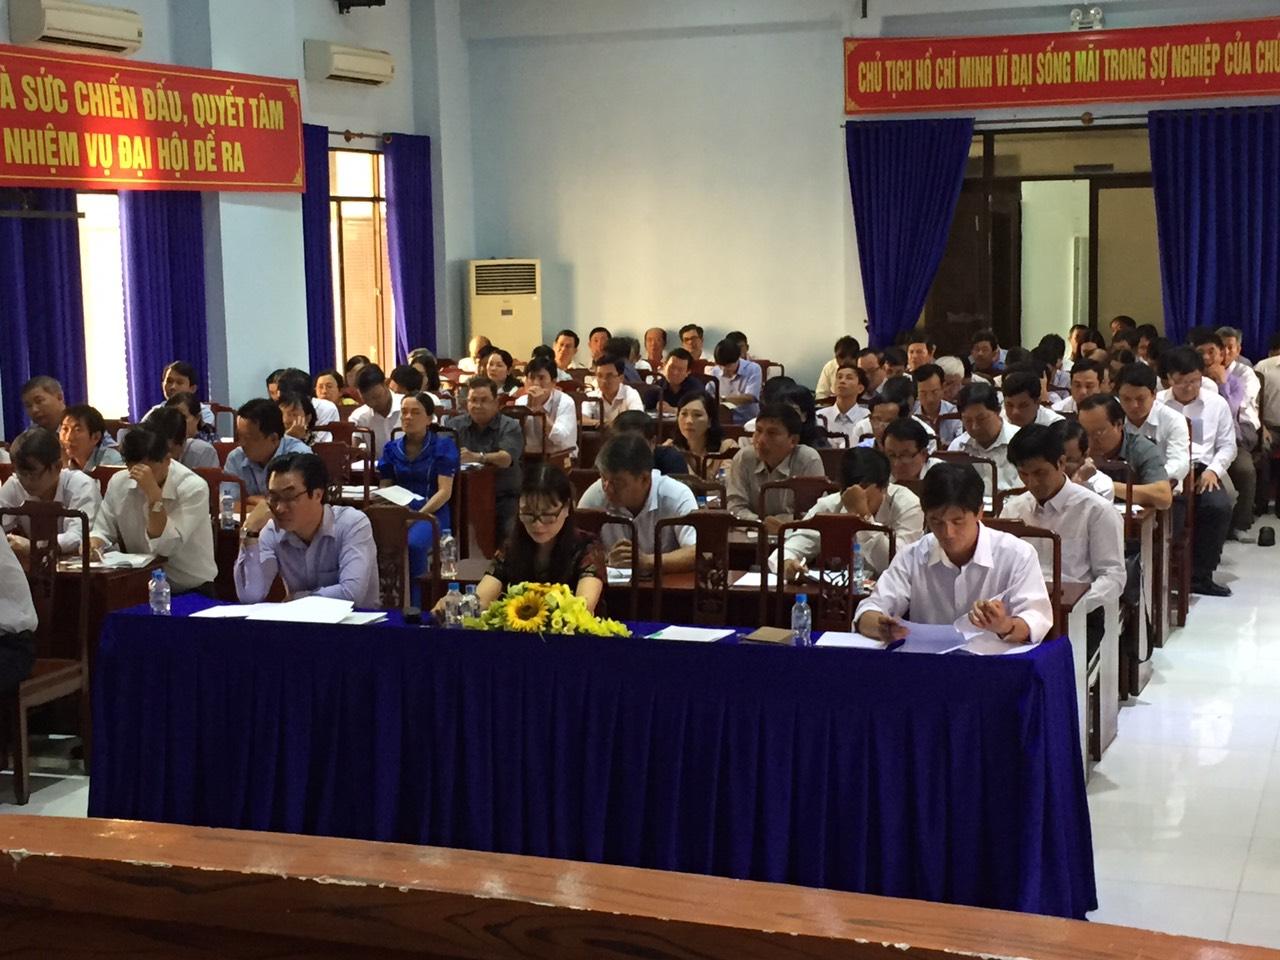 Phòng Giáo dục trung học, tổ chức Hội nghị tổng kết năm học 2019 - 2020 và triển khai kế hoạch thực hiện nhiệm vụ năm học 2020 – 2021